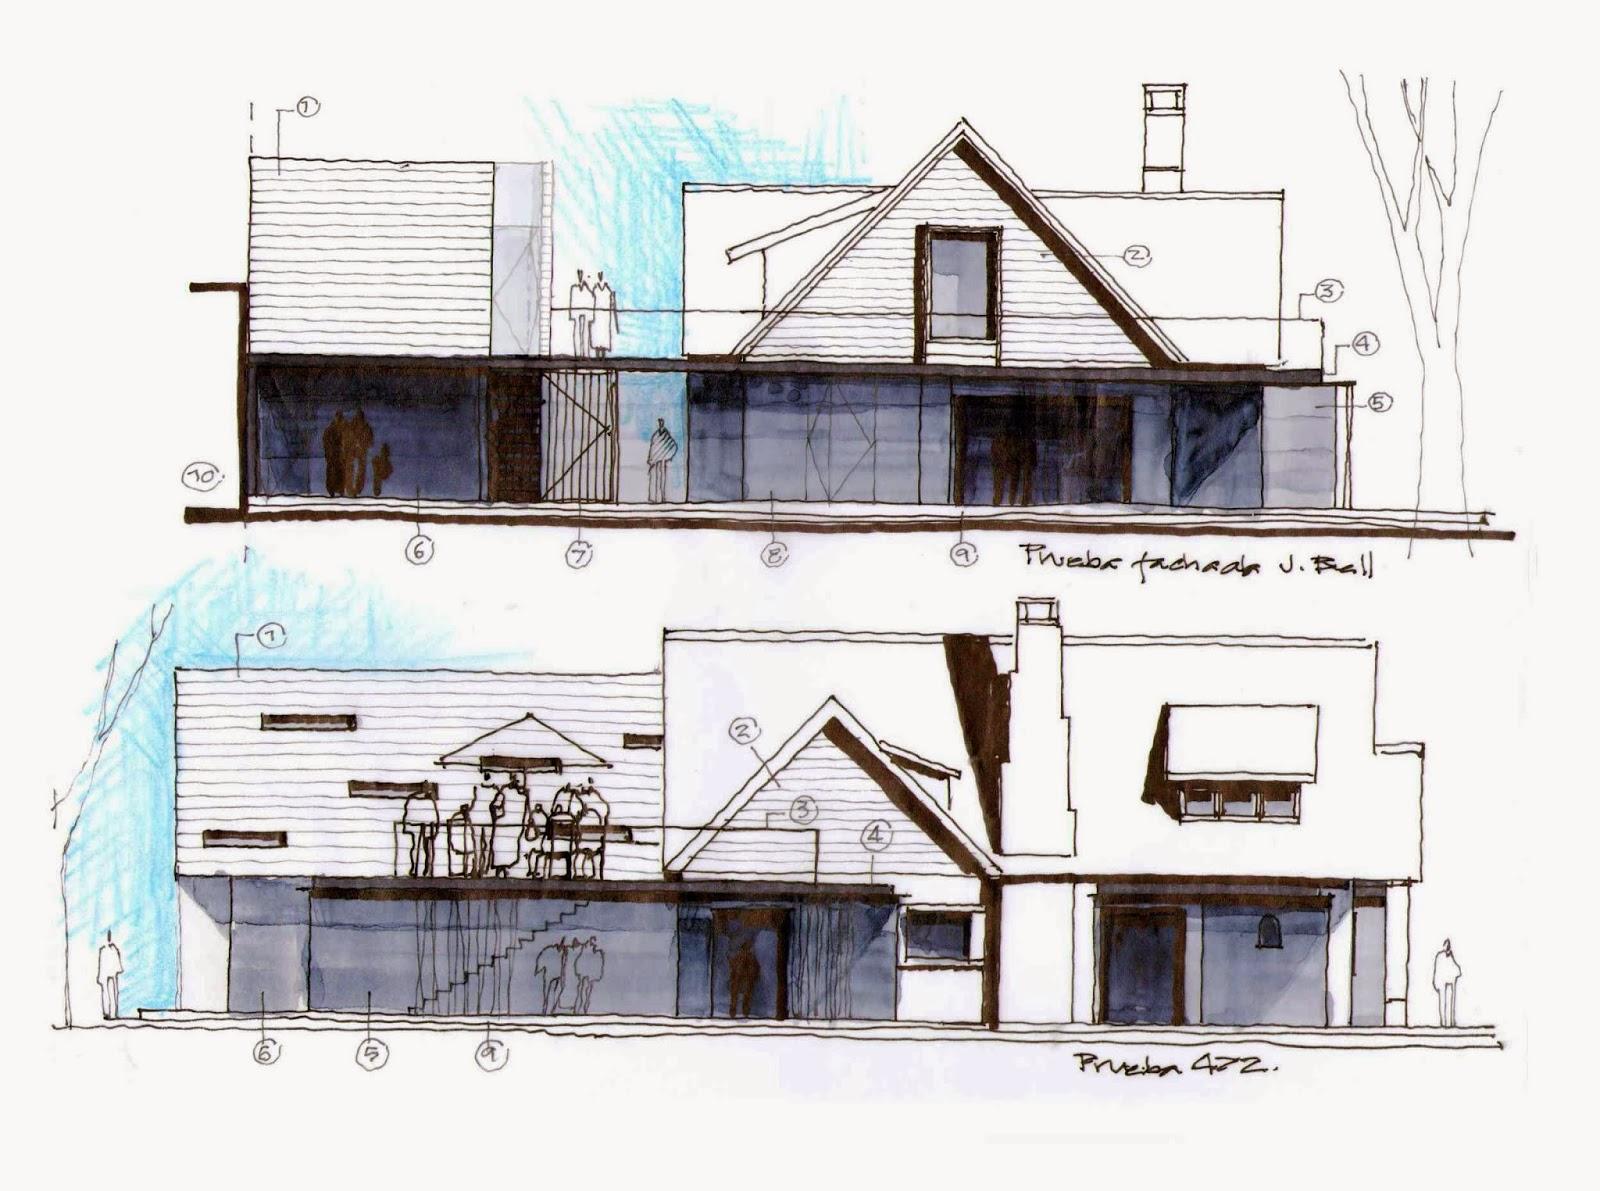 Dibujos de arquitecto architect drawings 130819 locales - Fachadas arquitectura ...